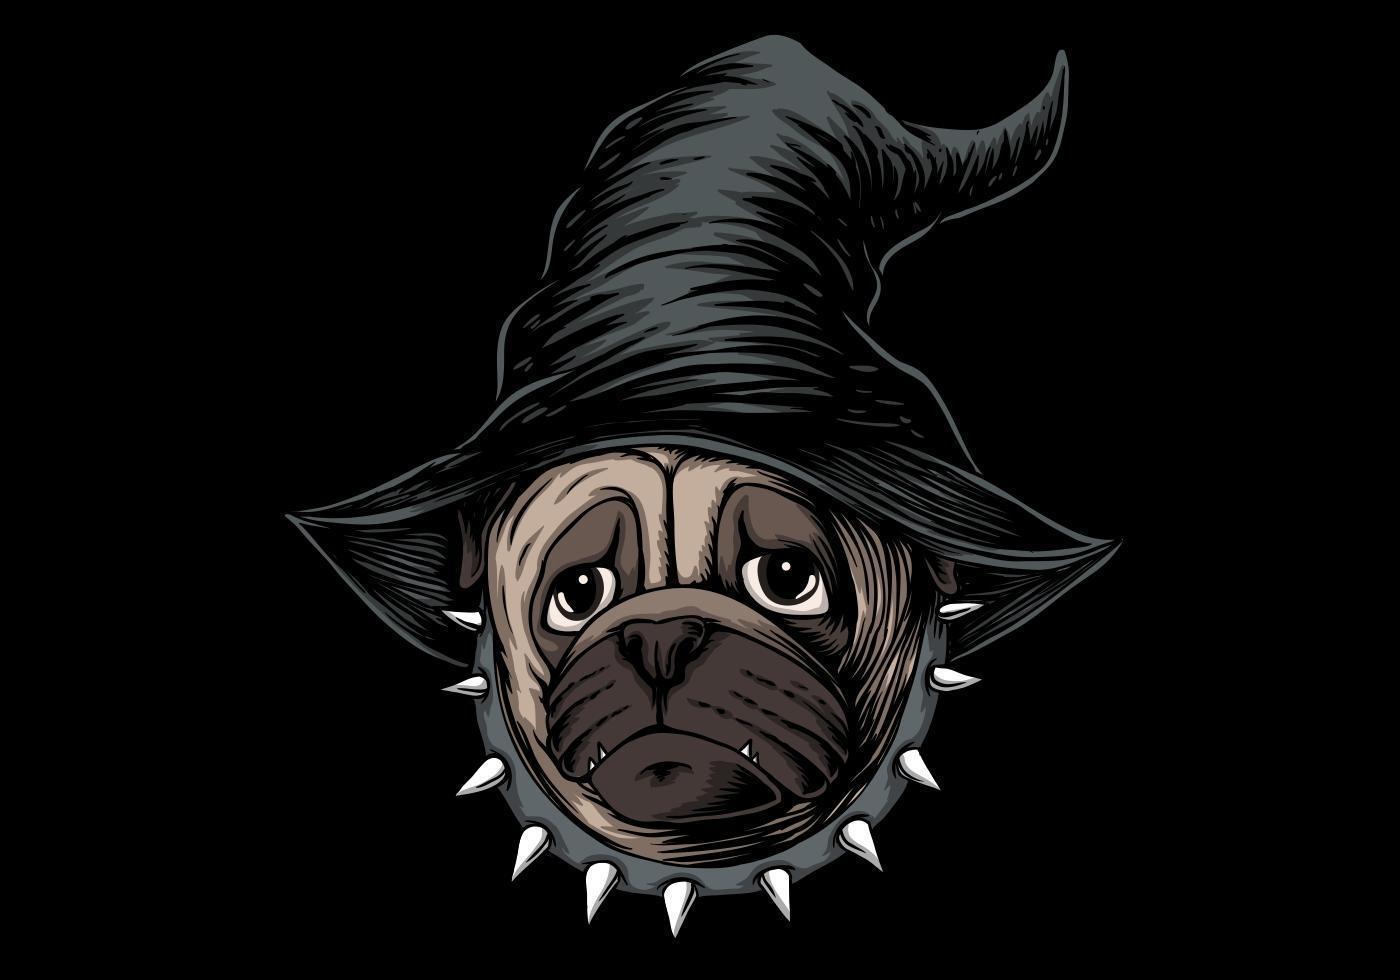 perro pug de halloween con sombrero de bruja vector